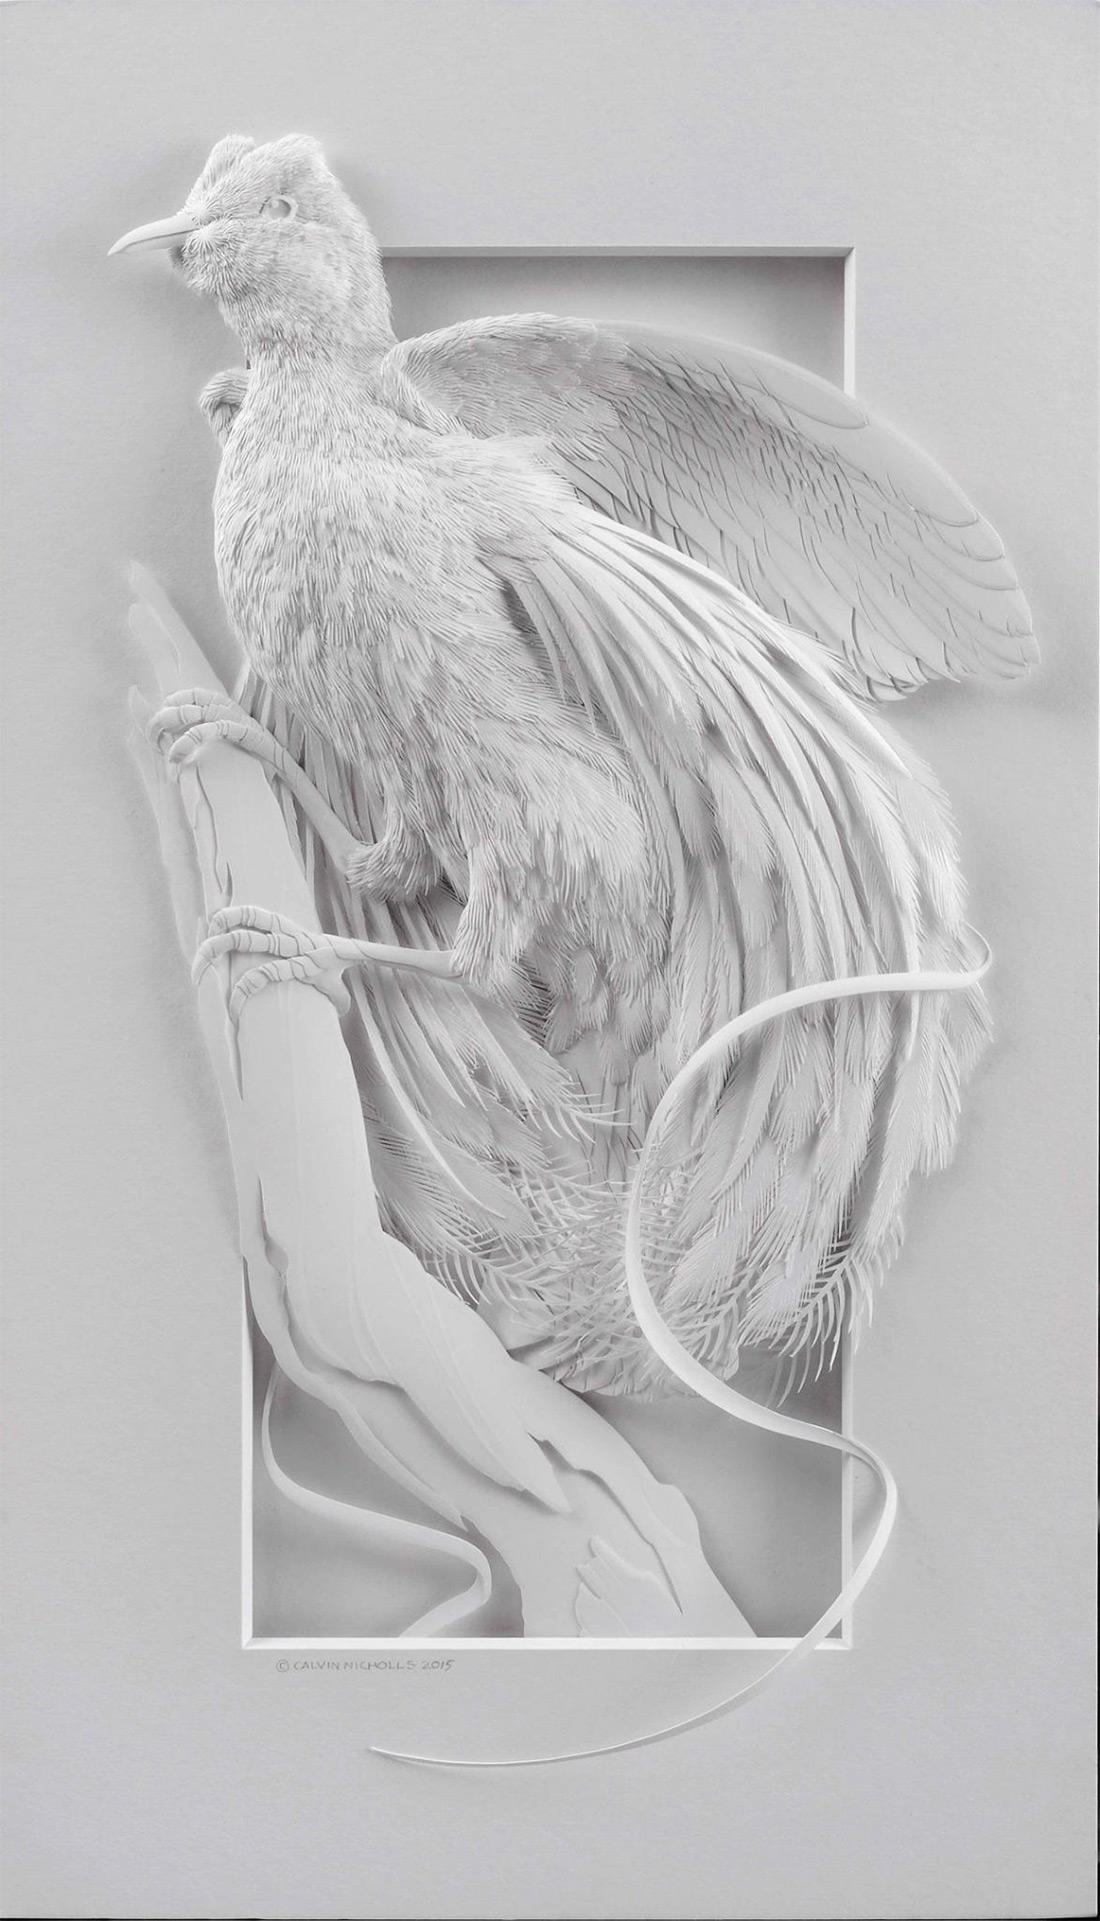 бумажные скульптуры птиц. Фото № 6